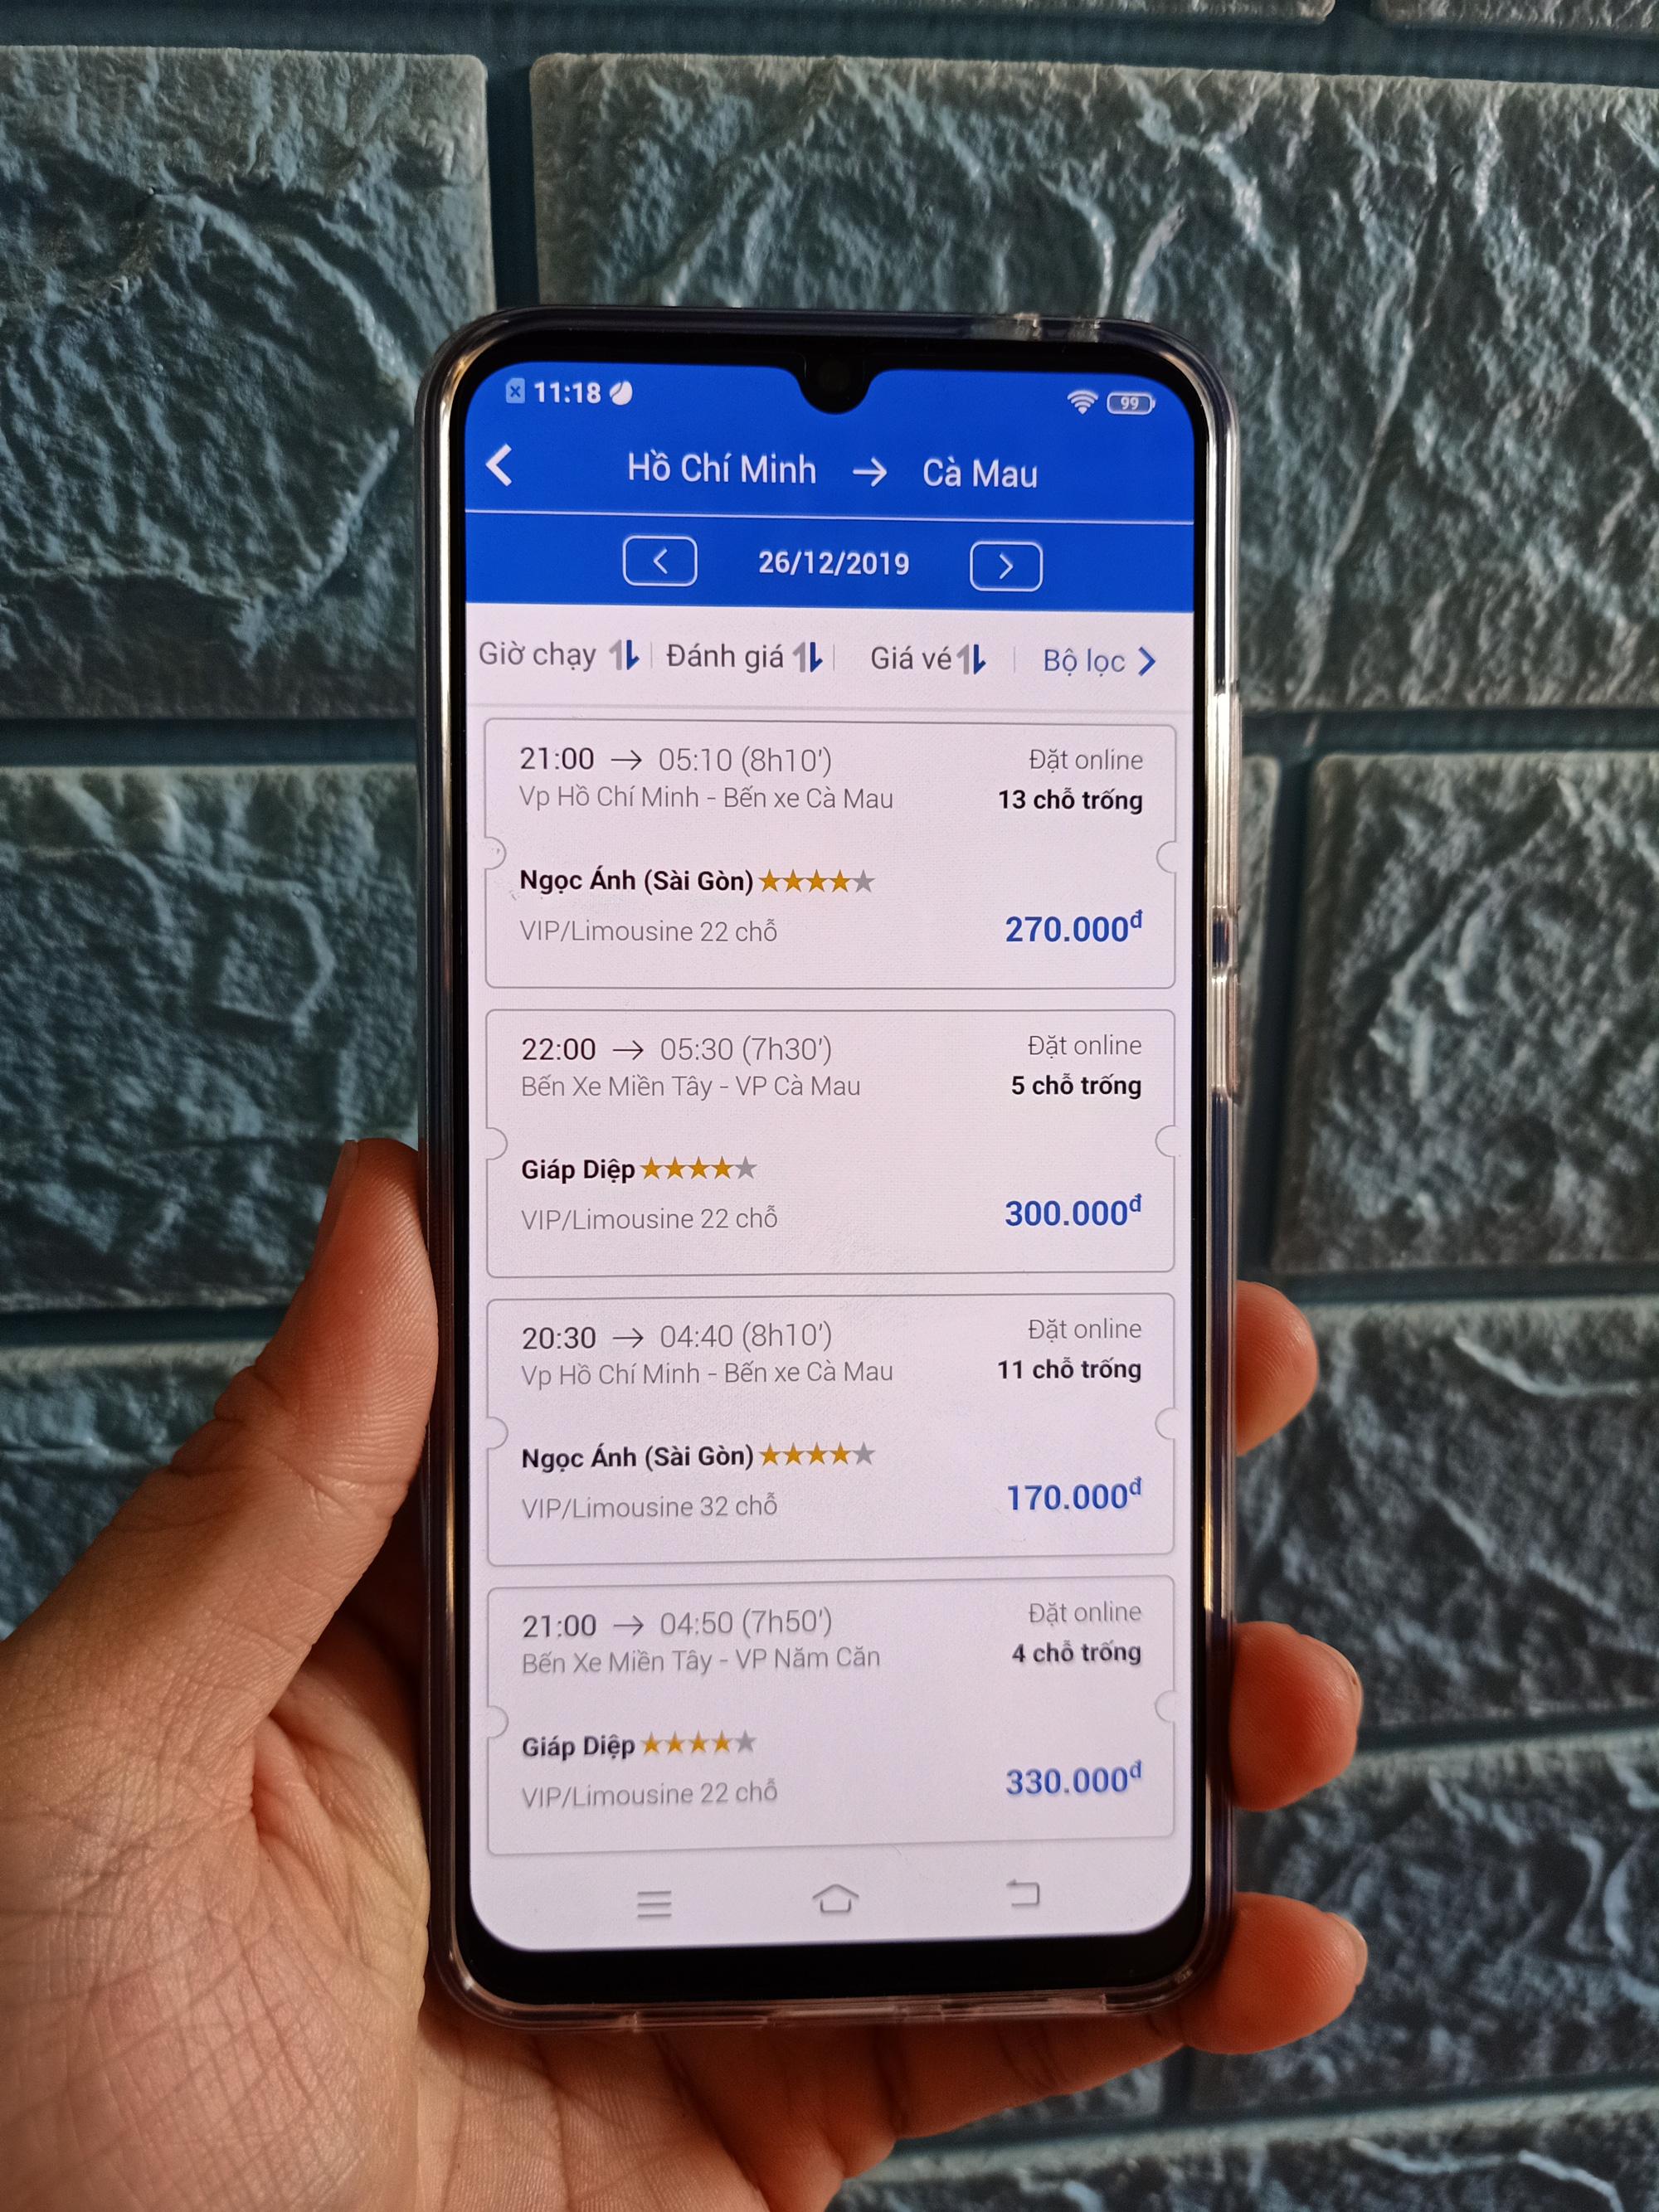 Đa dạng hình thức đặt vé xe online cho khách hàng - Ảnh 2.